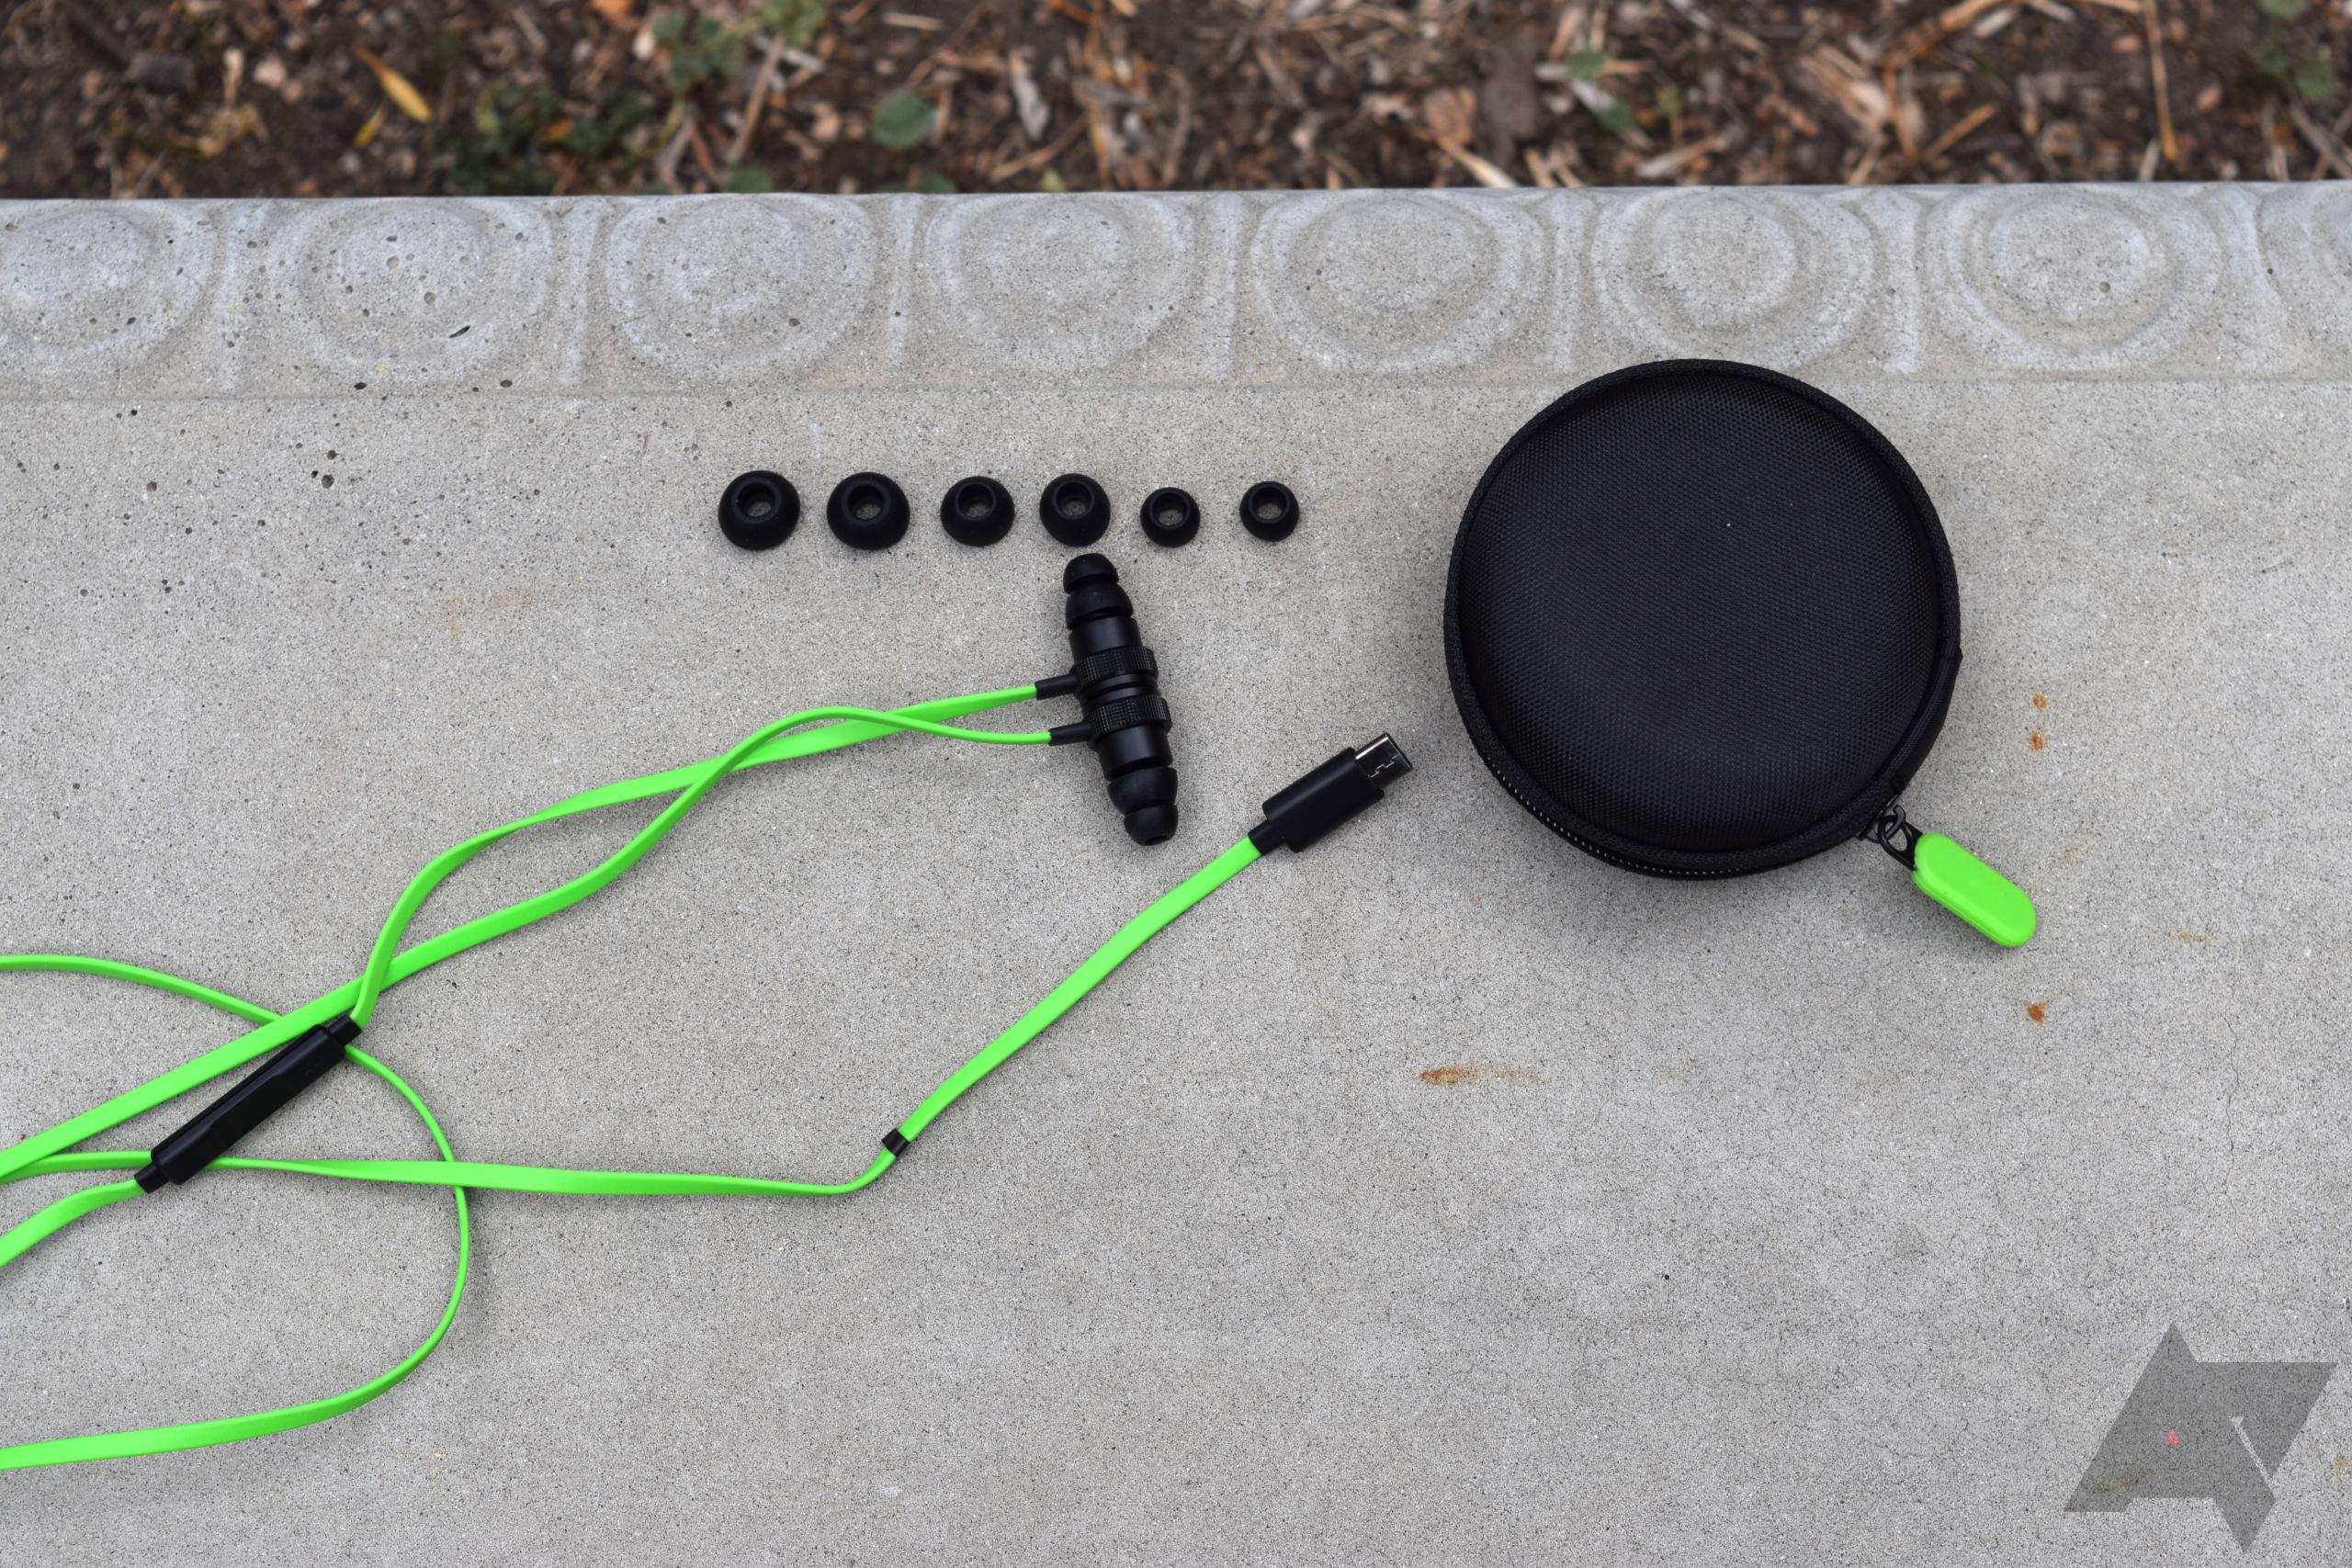 Razer Hammerhead USB-C earphones review: Best bang for your buck